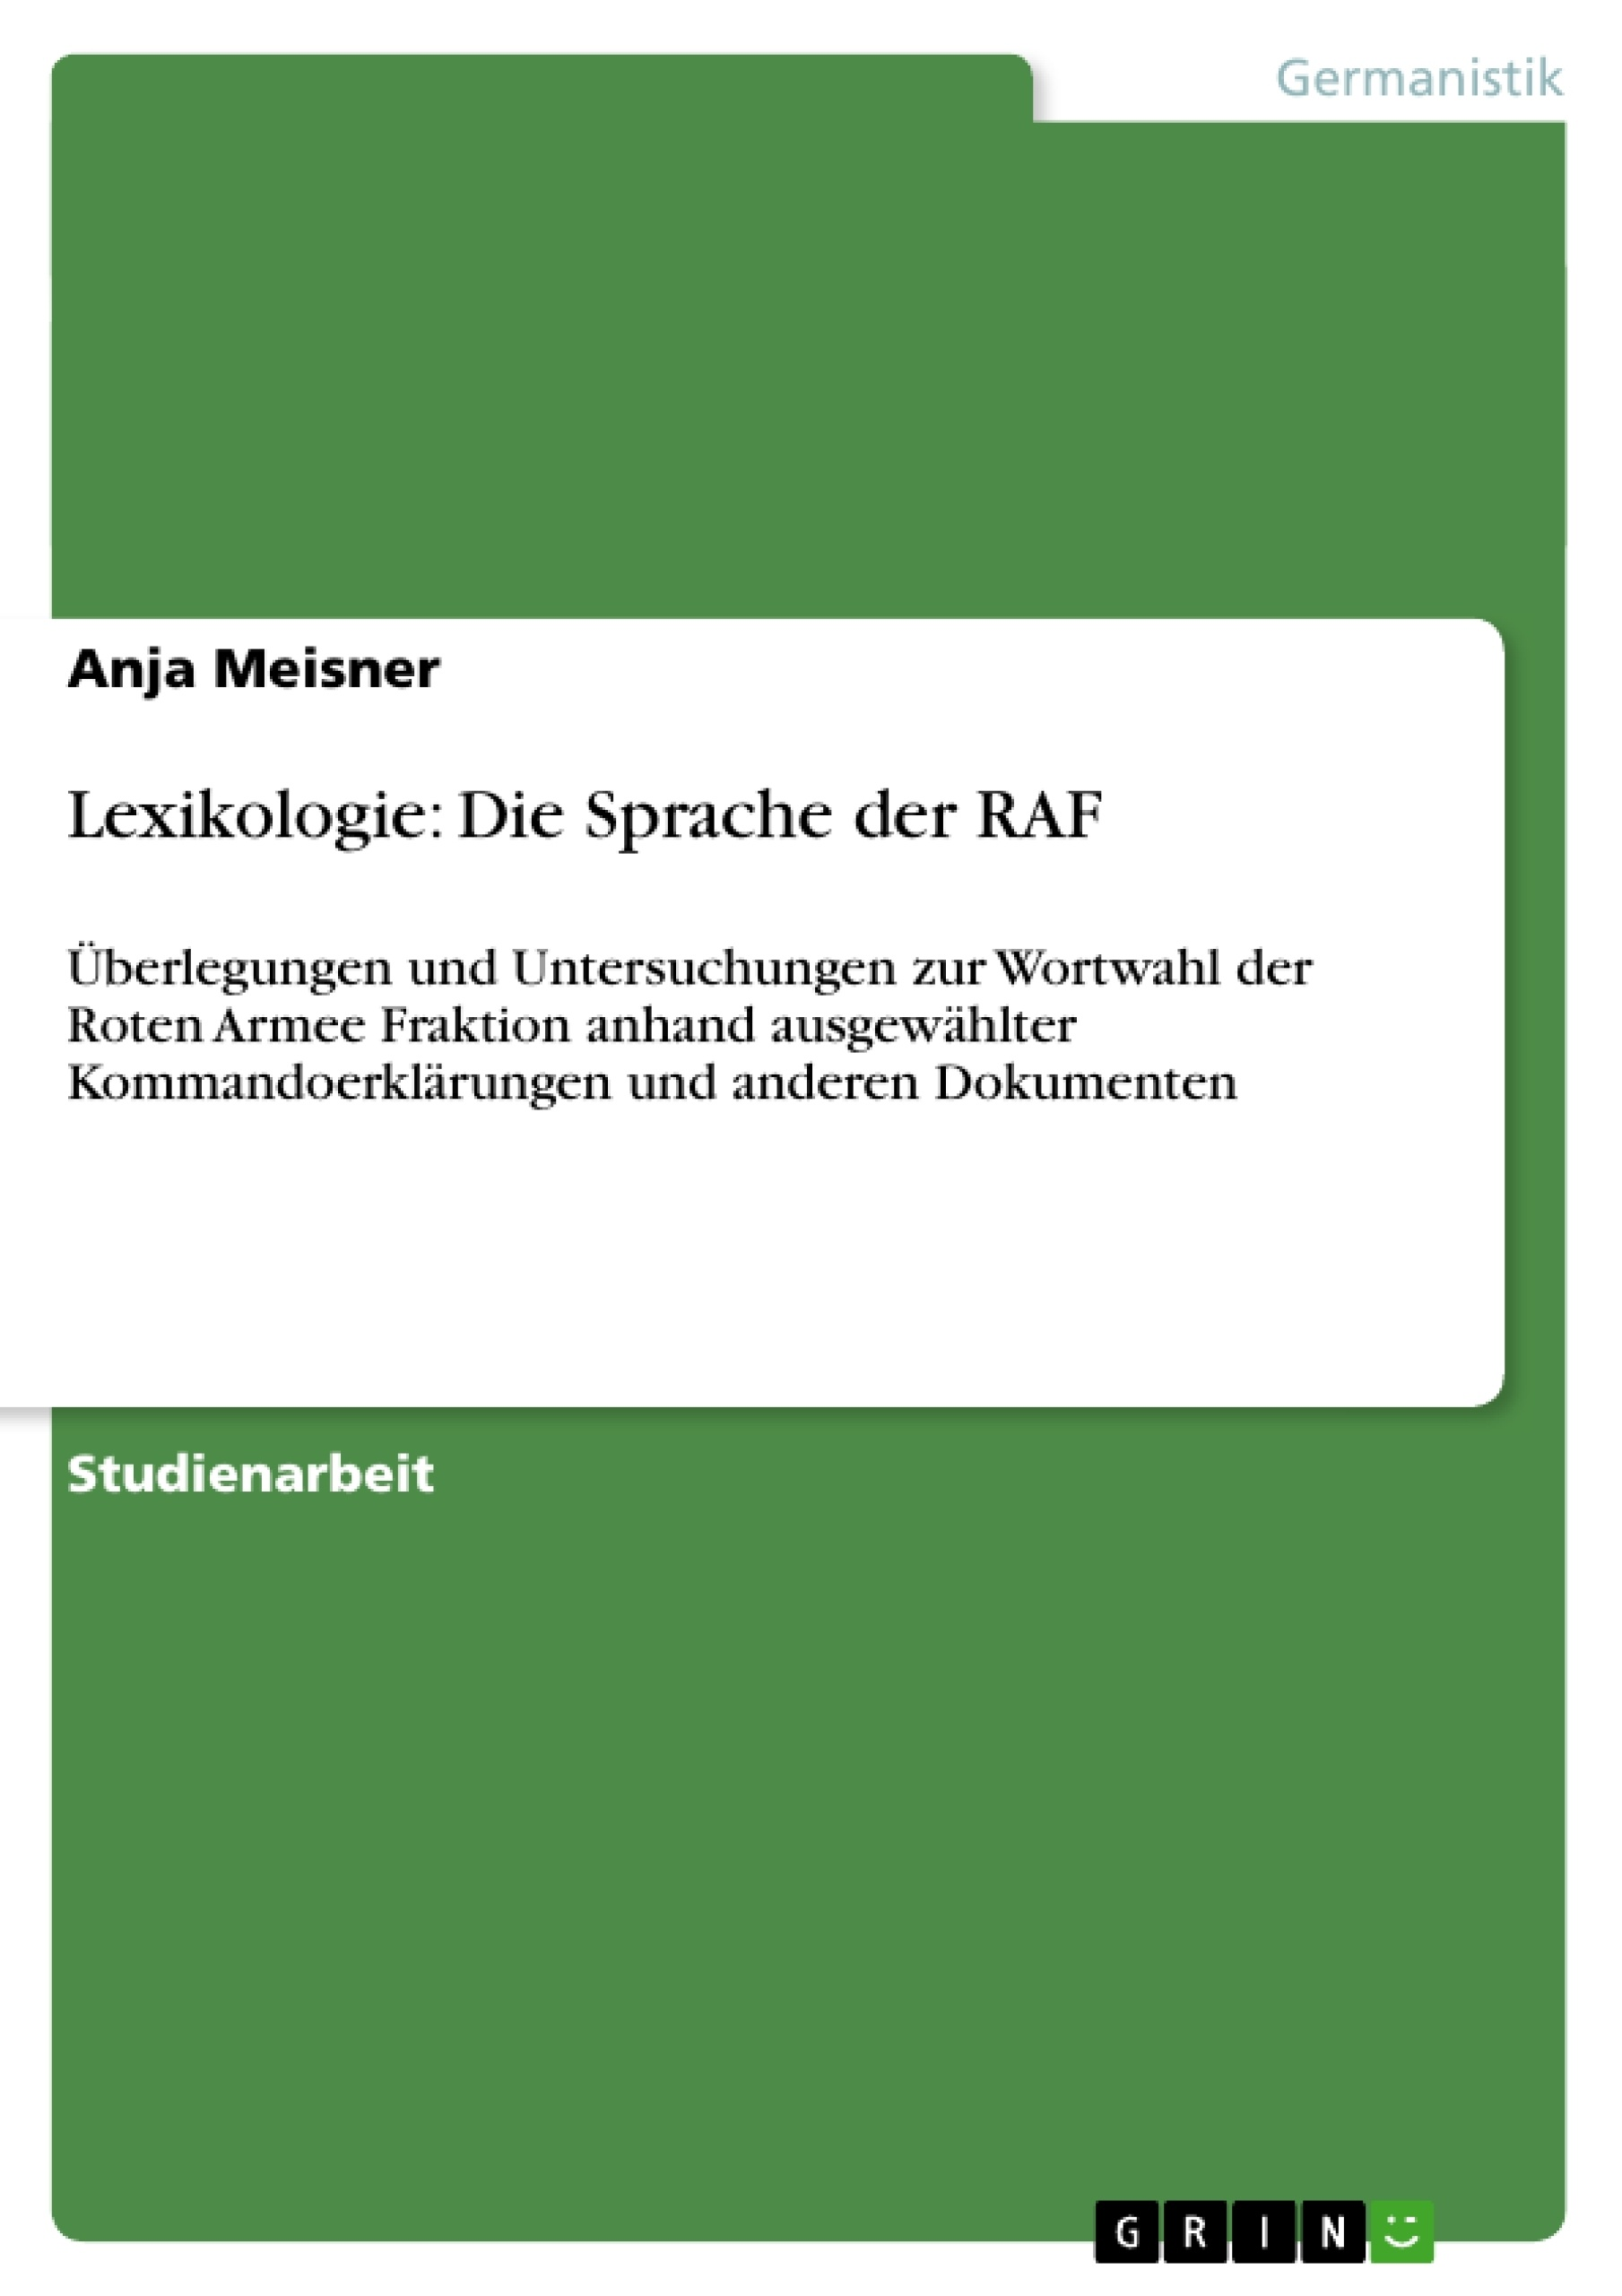 Titel: Lexikologie: Die Sprache der RAF